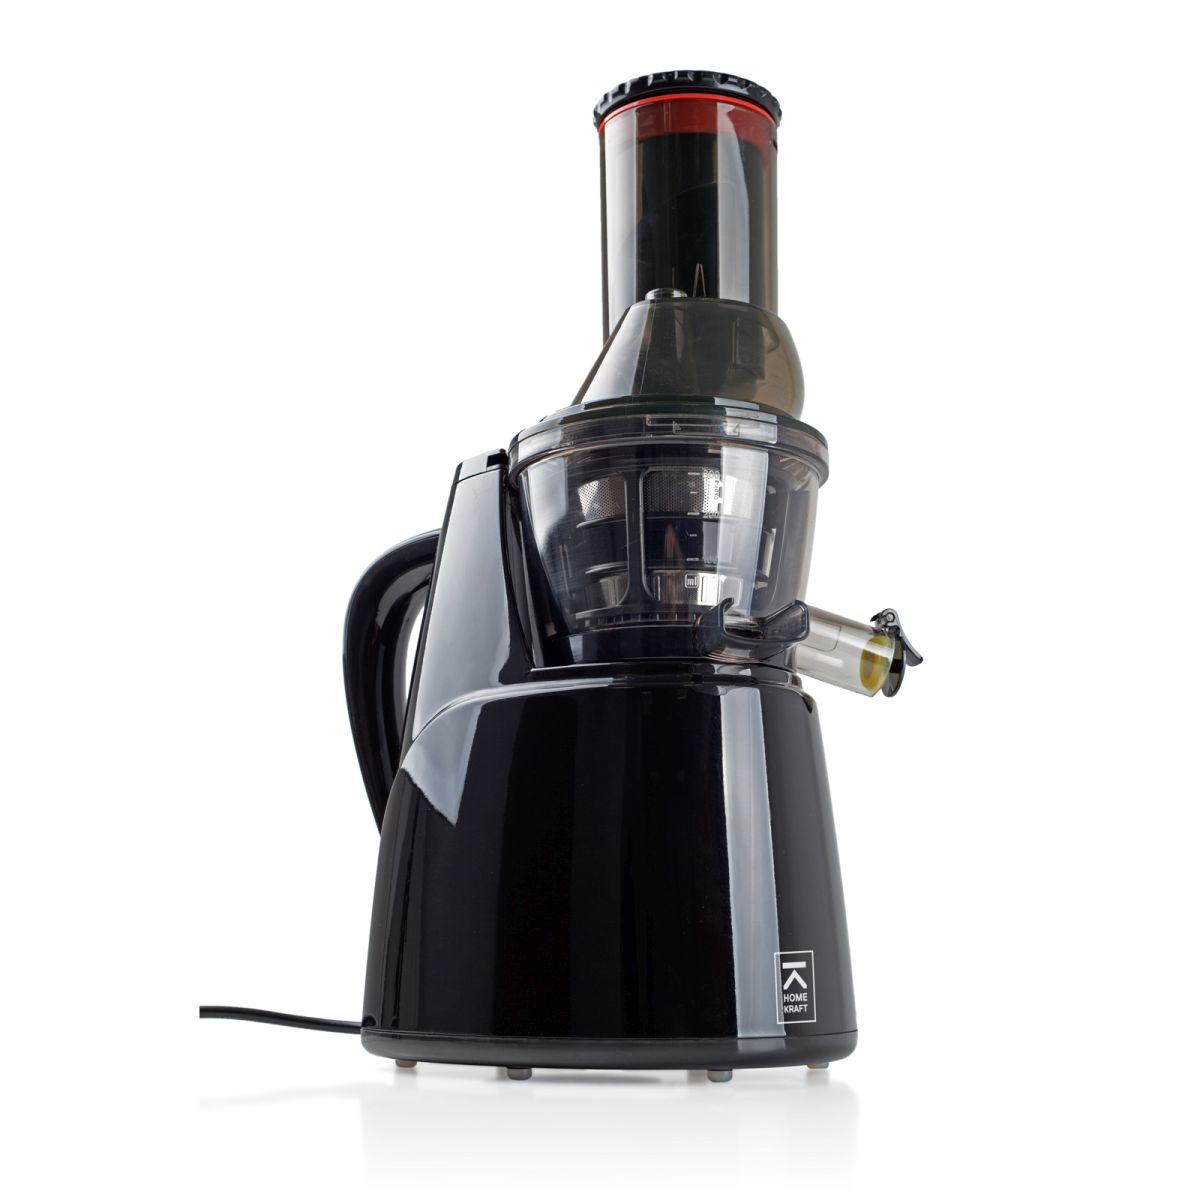 Juice Extractor Low Speed Juicer Press Essence Large einlassoffnung Top 5902533900374 eBay